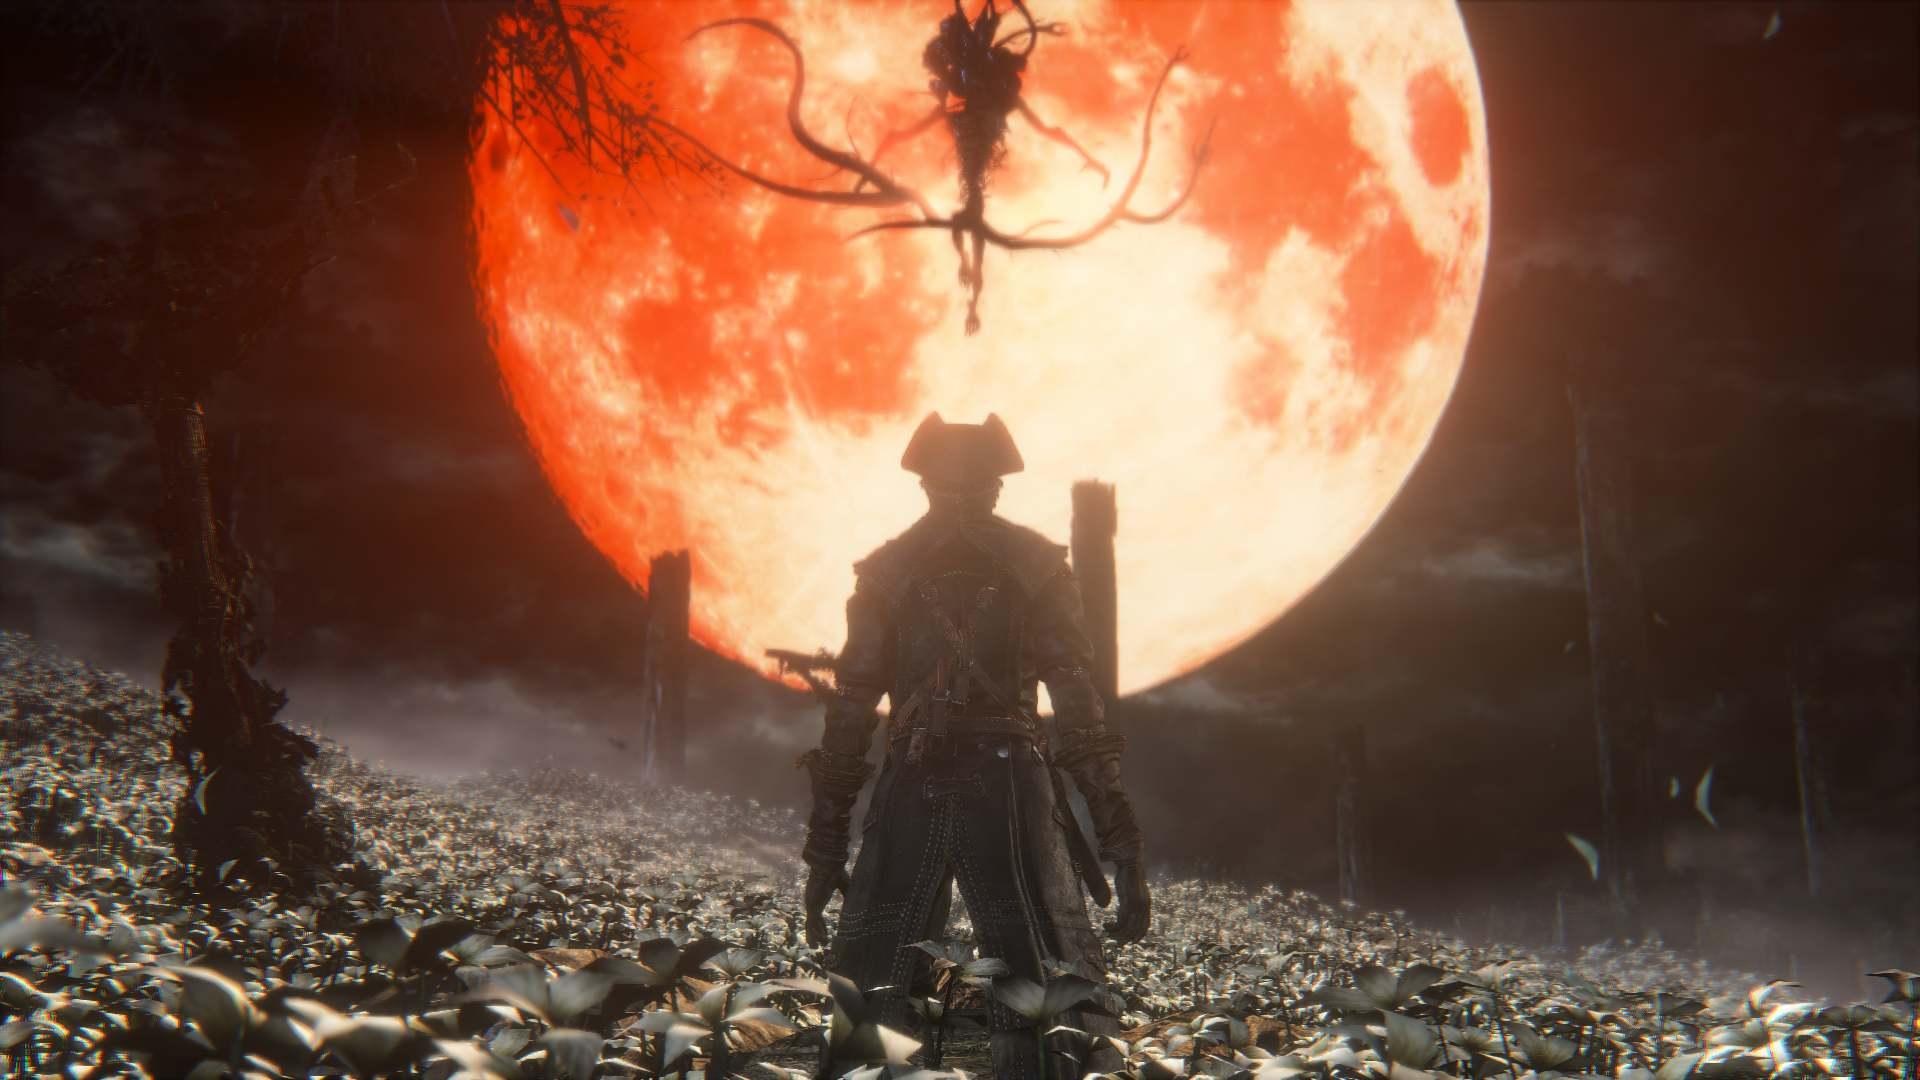 روزی روزگاری ۲#؛ داستان بازی Bloodborne (قسمت دوم)